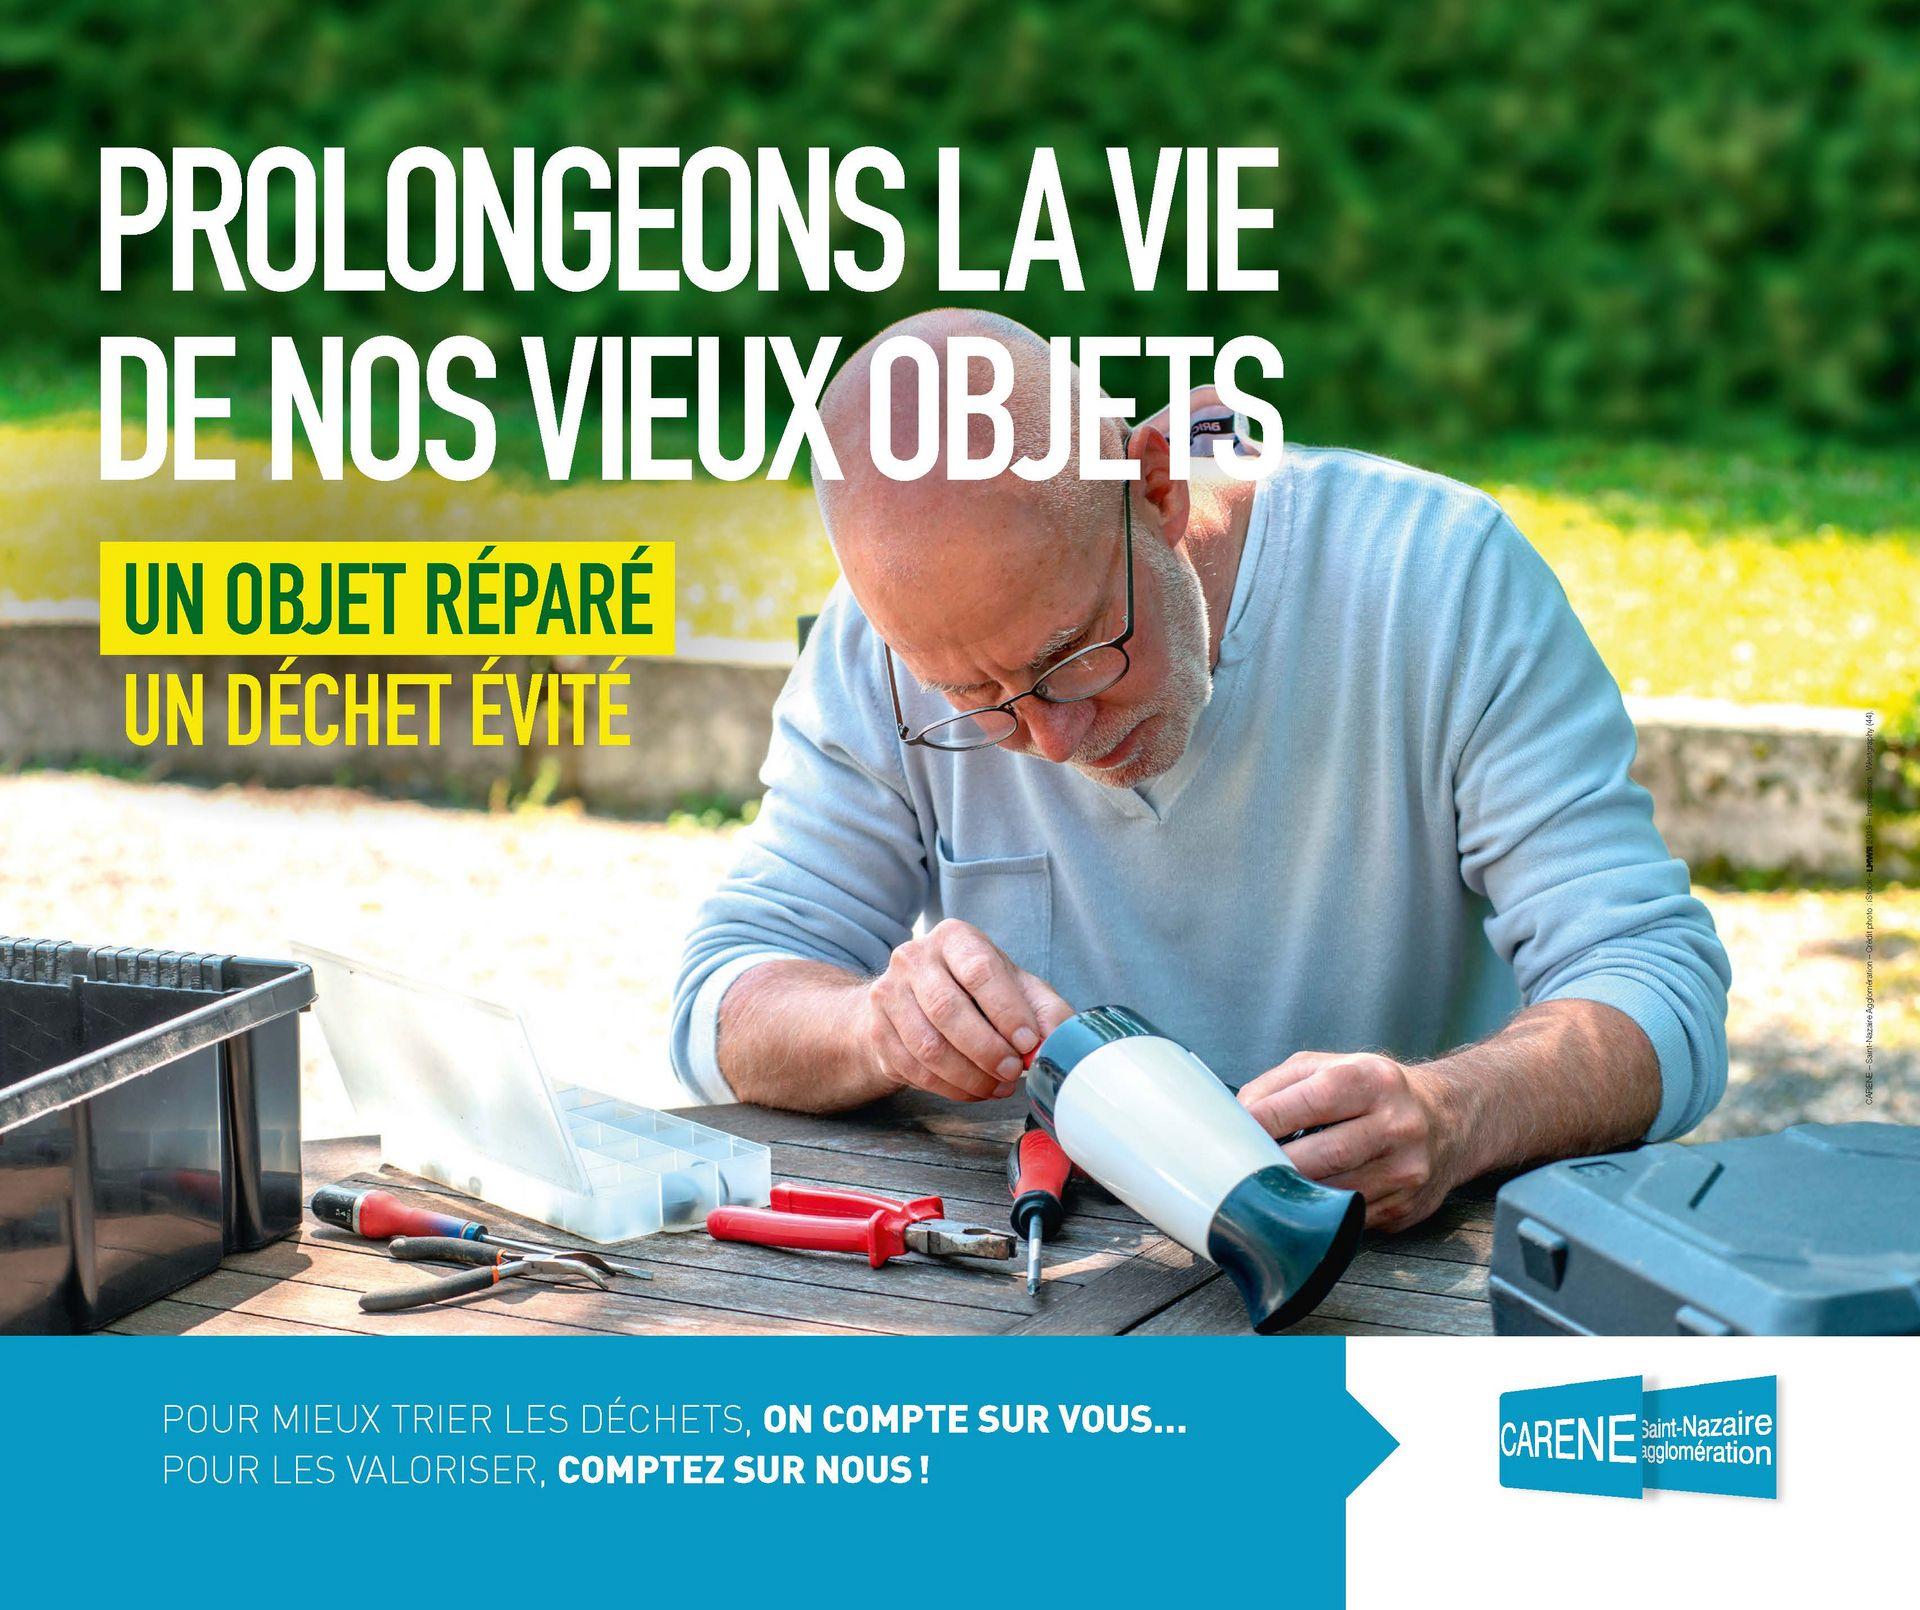 La Carene Aide Les Habitant E S A Donner Une Seconde Vie A Leurs Vieux Objets Saint Nazaire